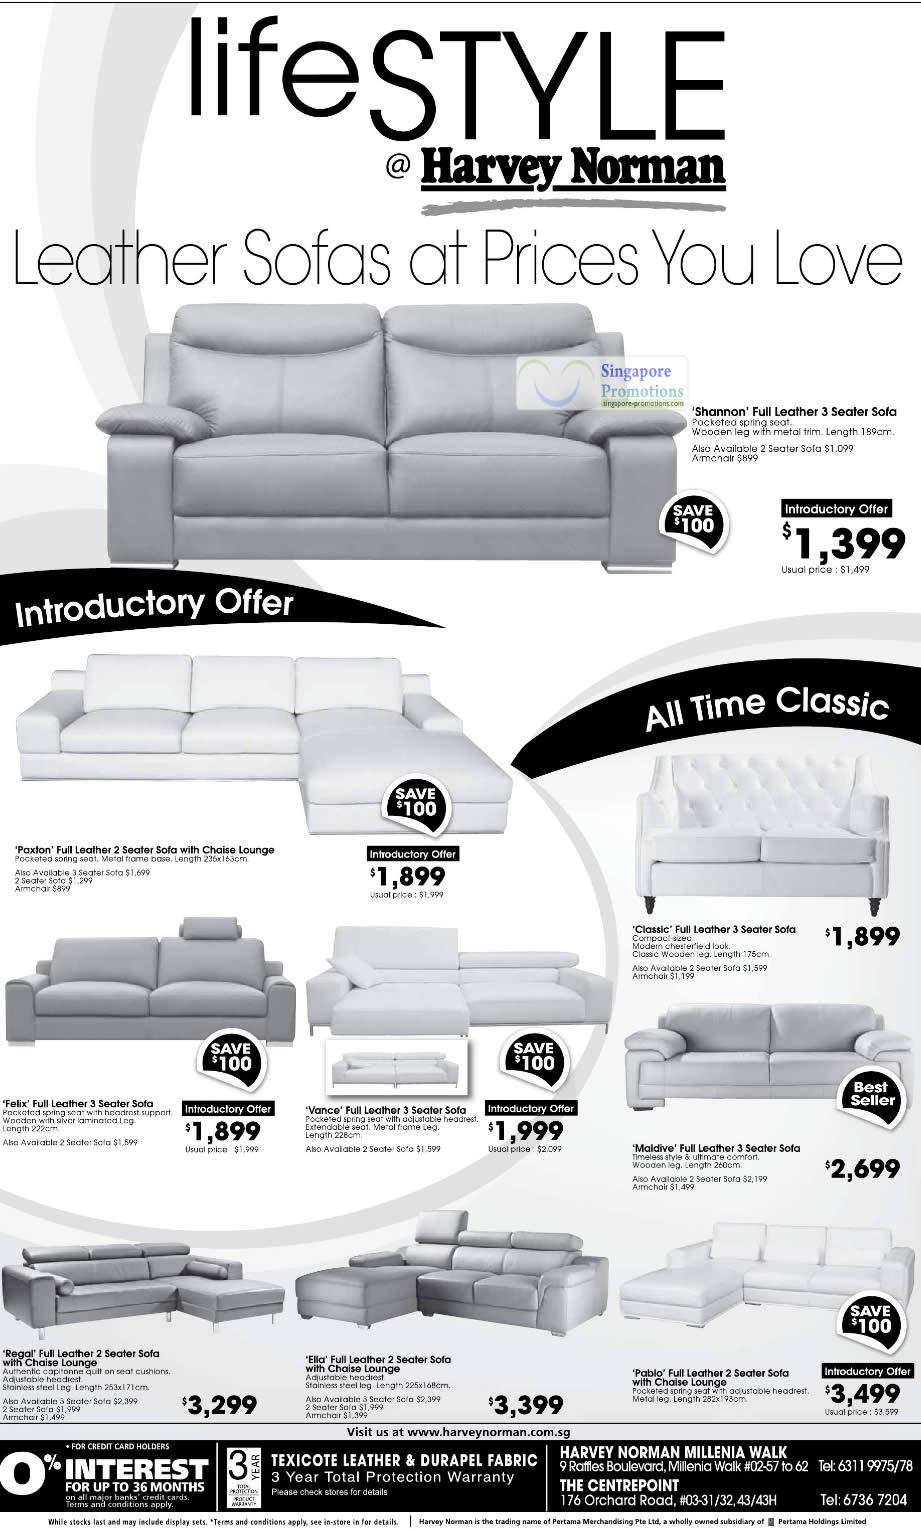 Sofa Sets, Shannon, Classic, Paxton, Maldive, Vance, Felix, Pablo, Ella, Rega